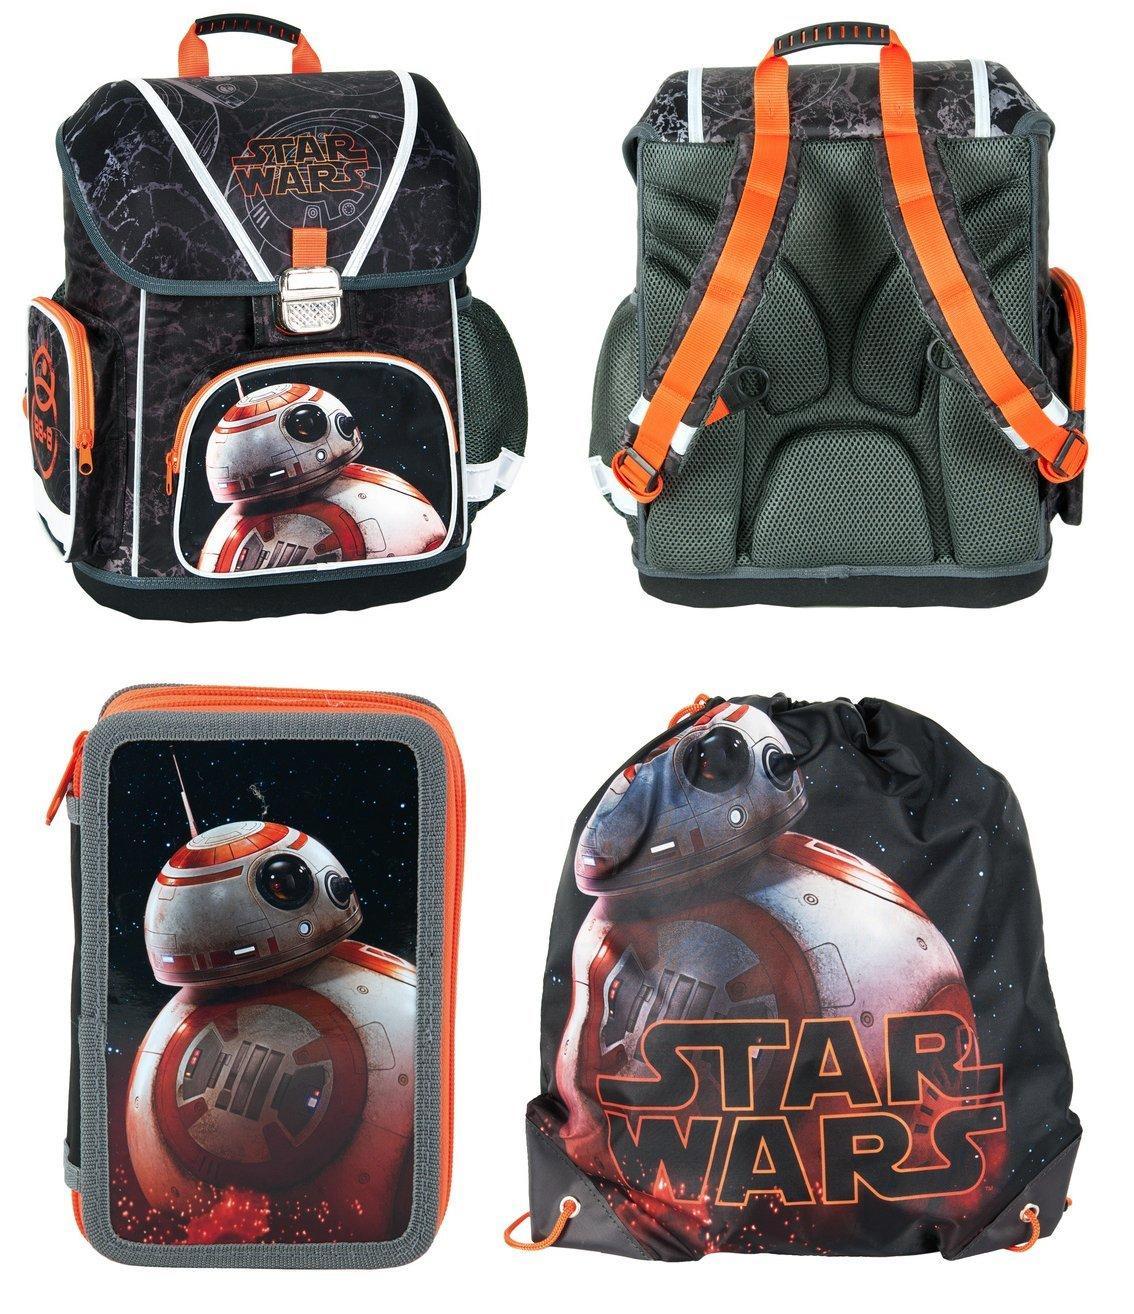 Školská taška aktovka 3v1 star wars stn-520 6c65a6c140